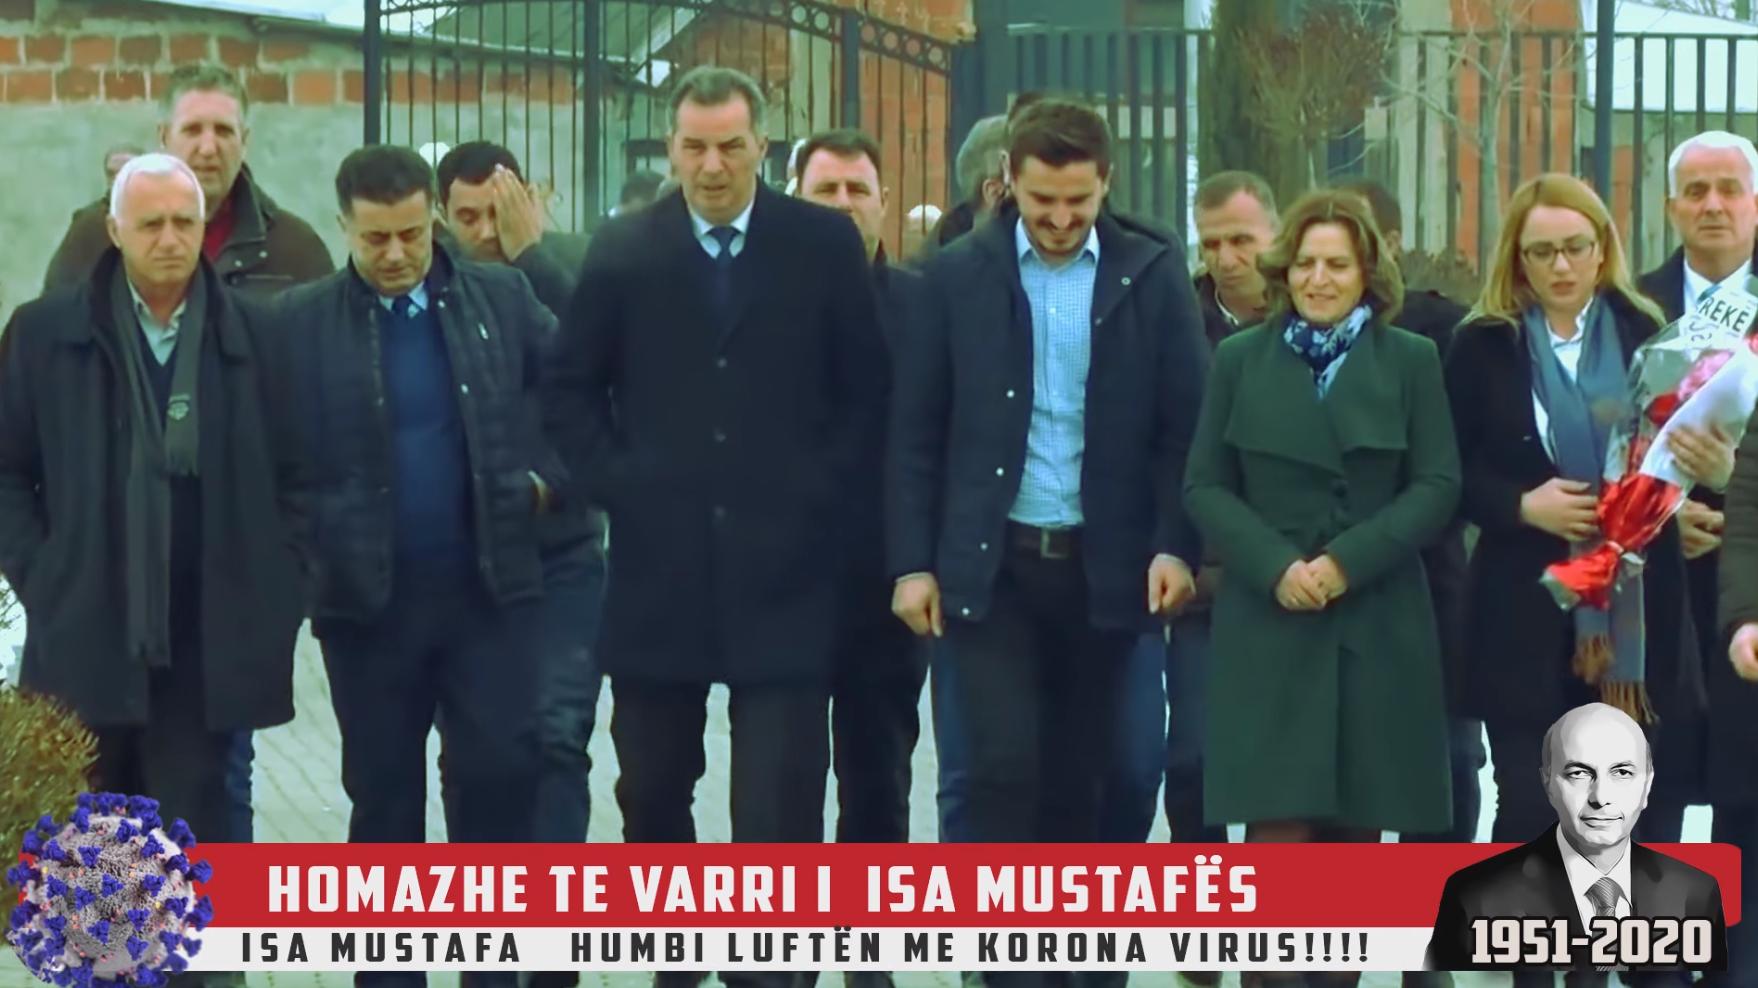 Arrestohet personi që shpërndante video të rreme se Isa Mustafa ka vdekur nga COVID-19